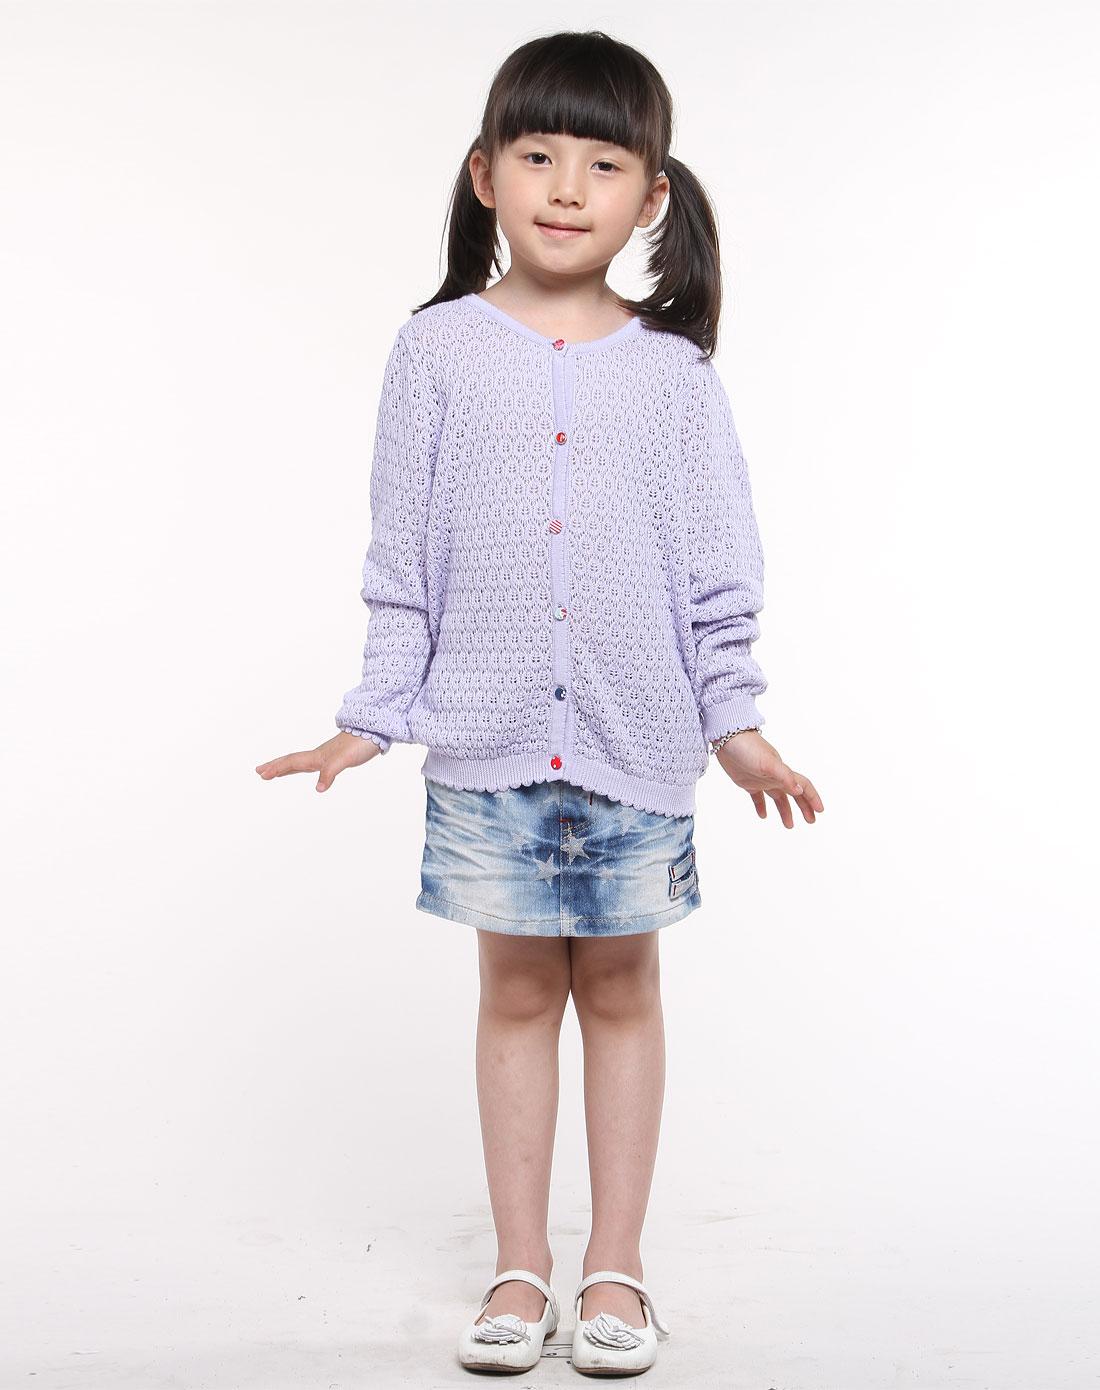 女童紫色针织休闲服装